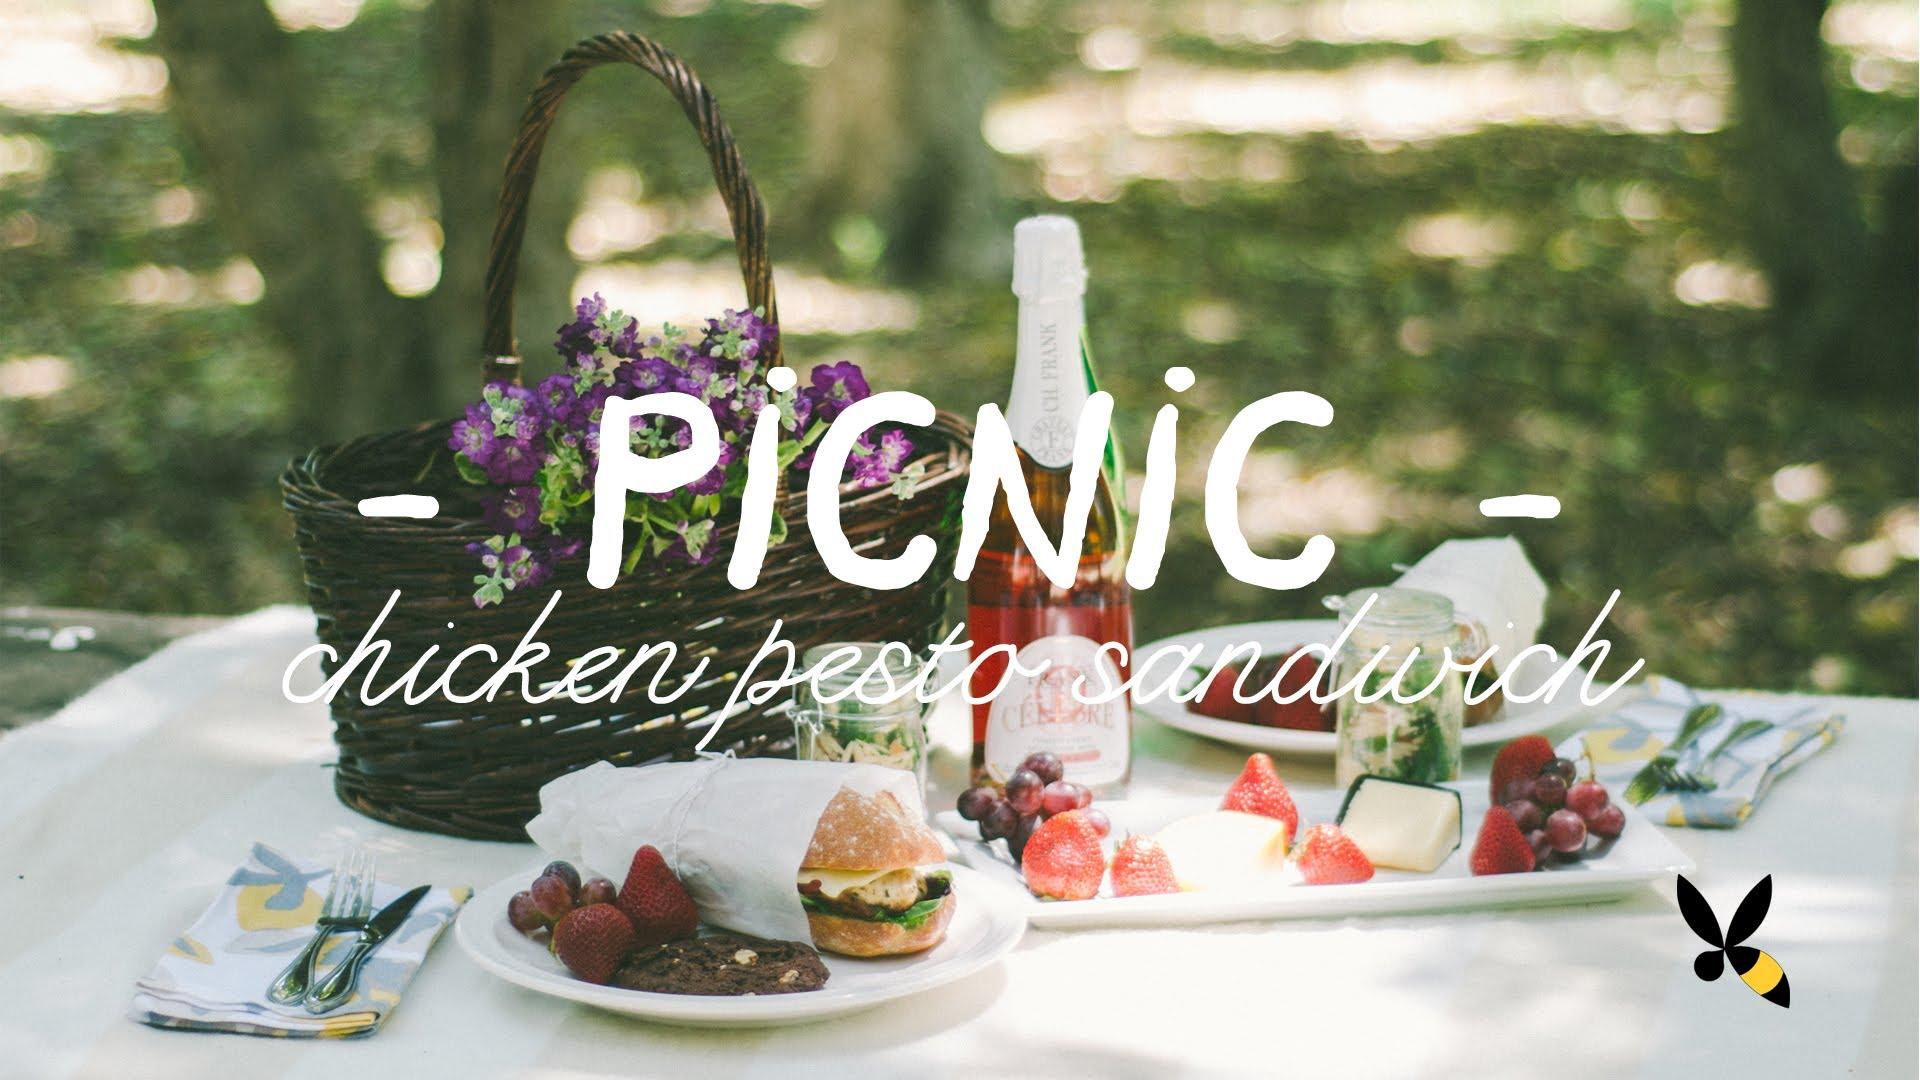 這個周末,一起浪漫野餐趣!